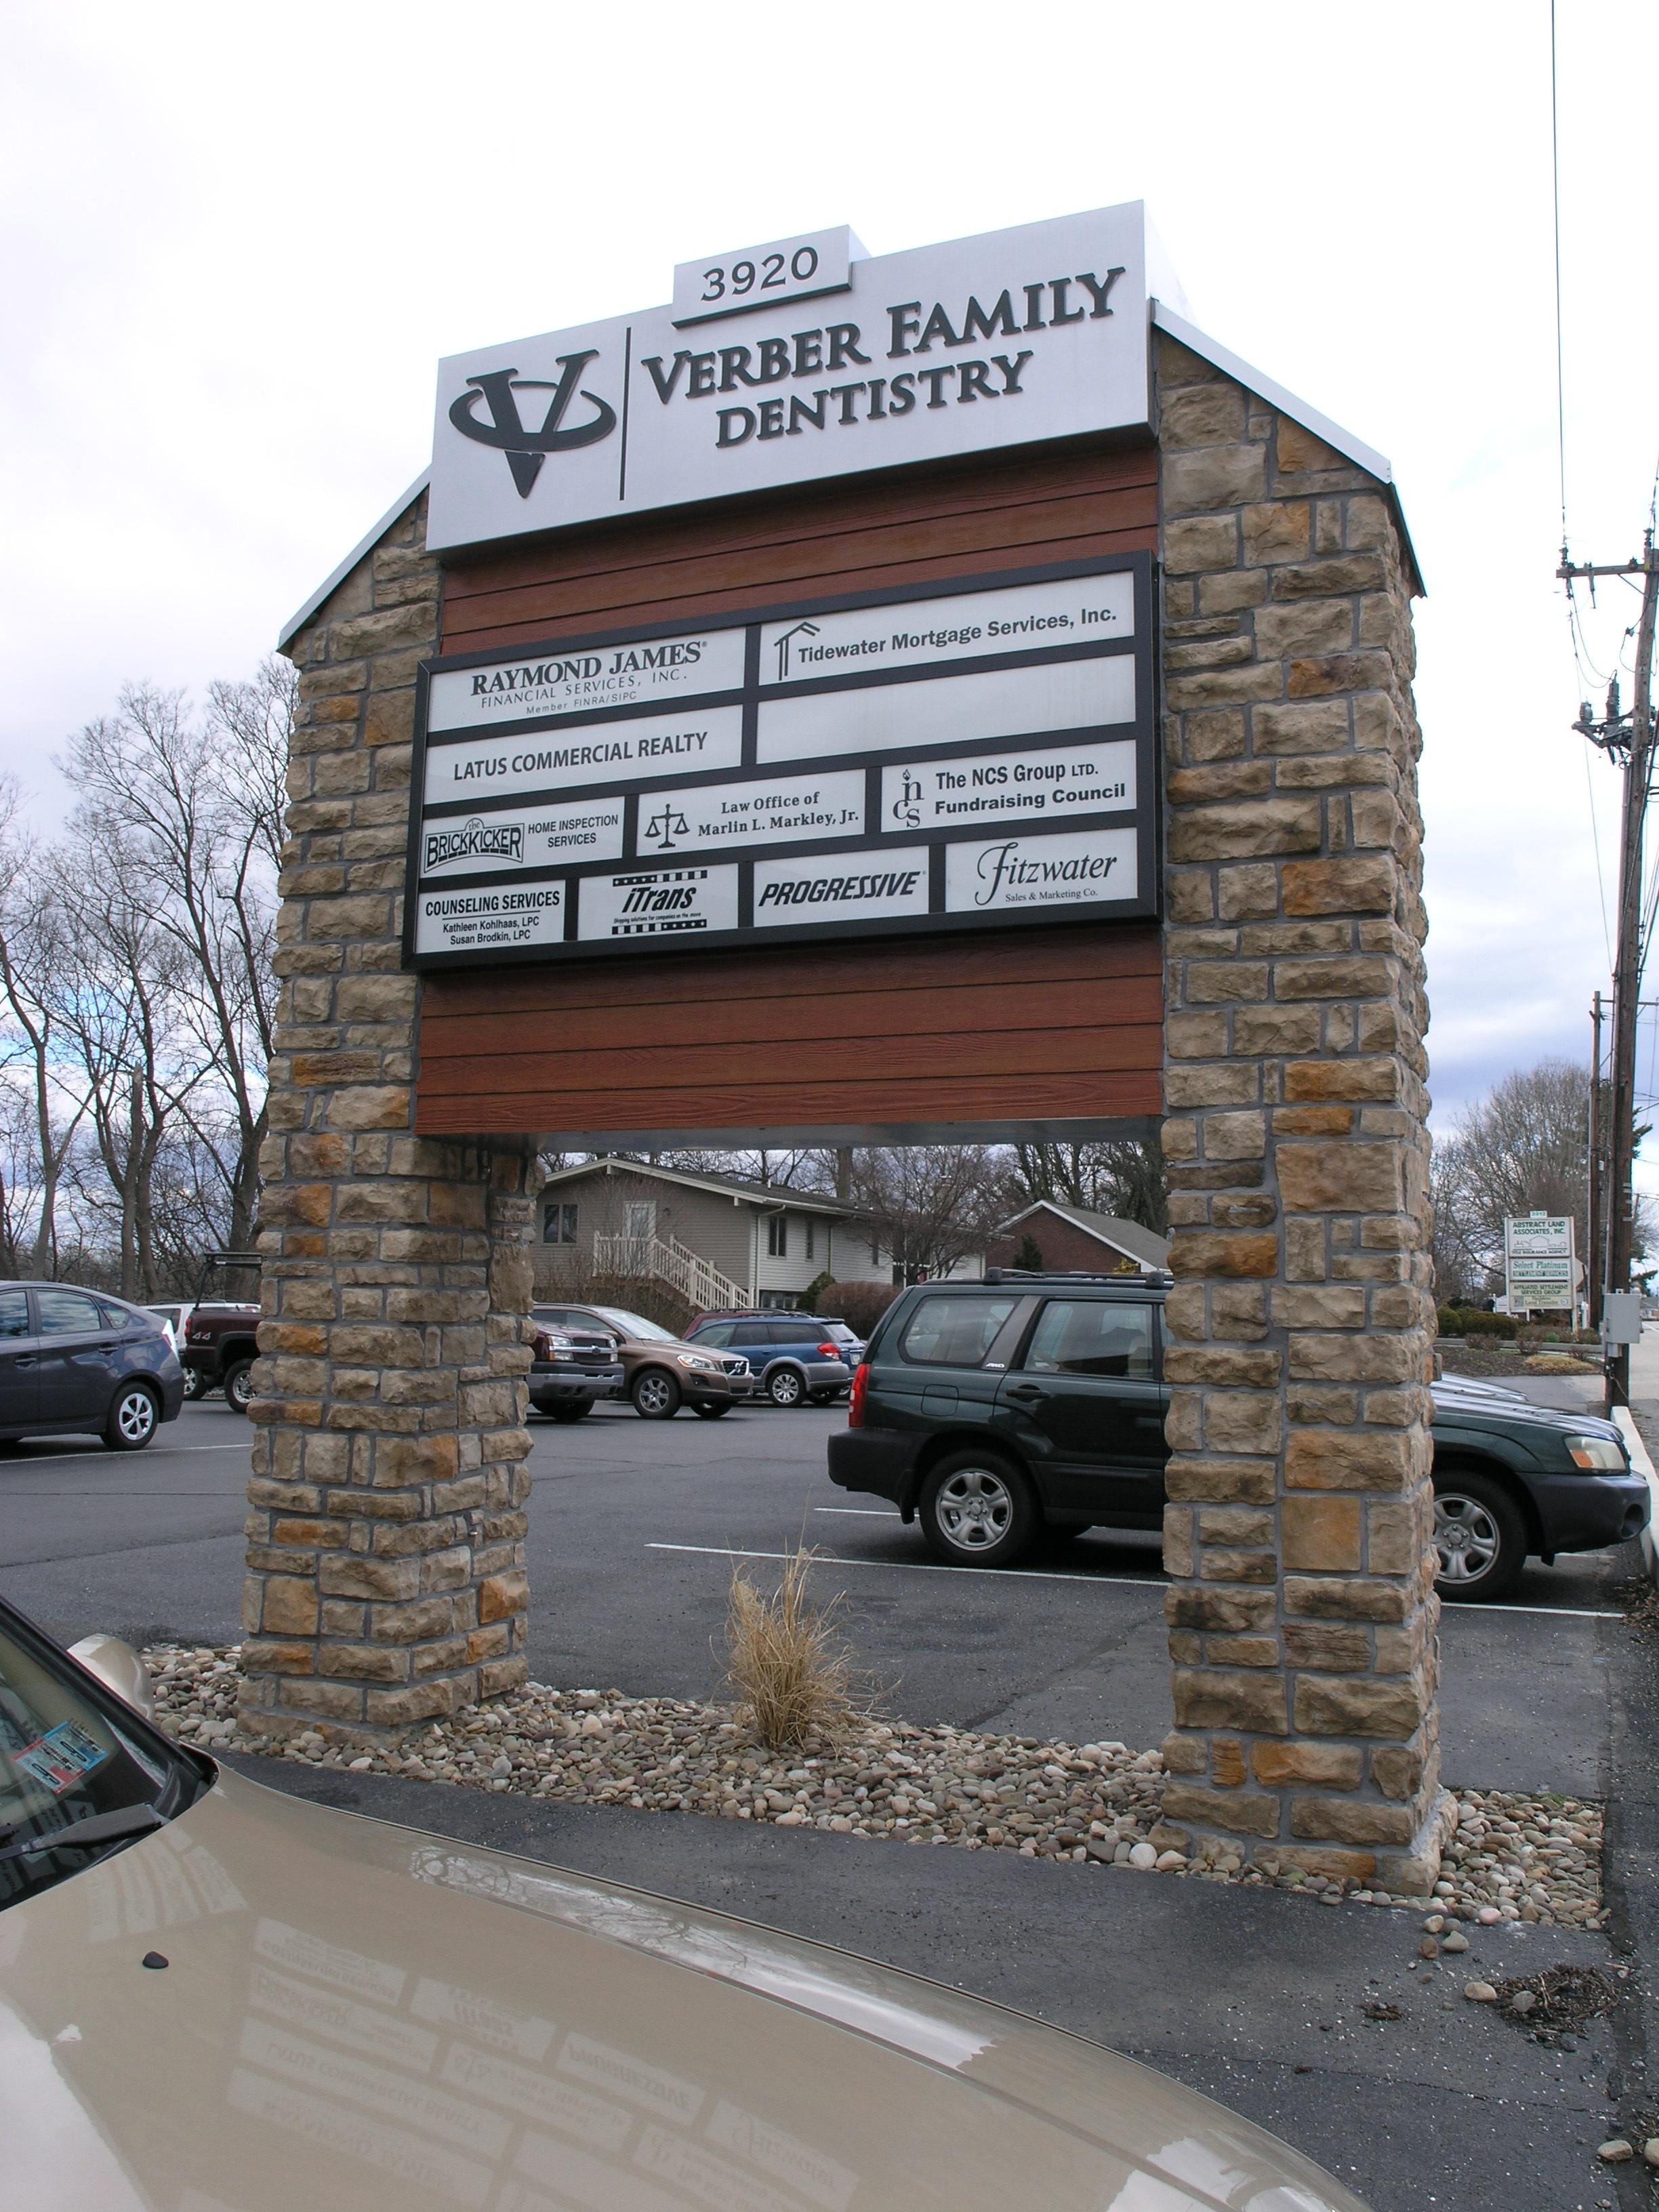 Verber Family Dentistry - Monument